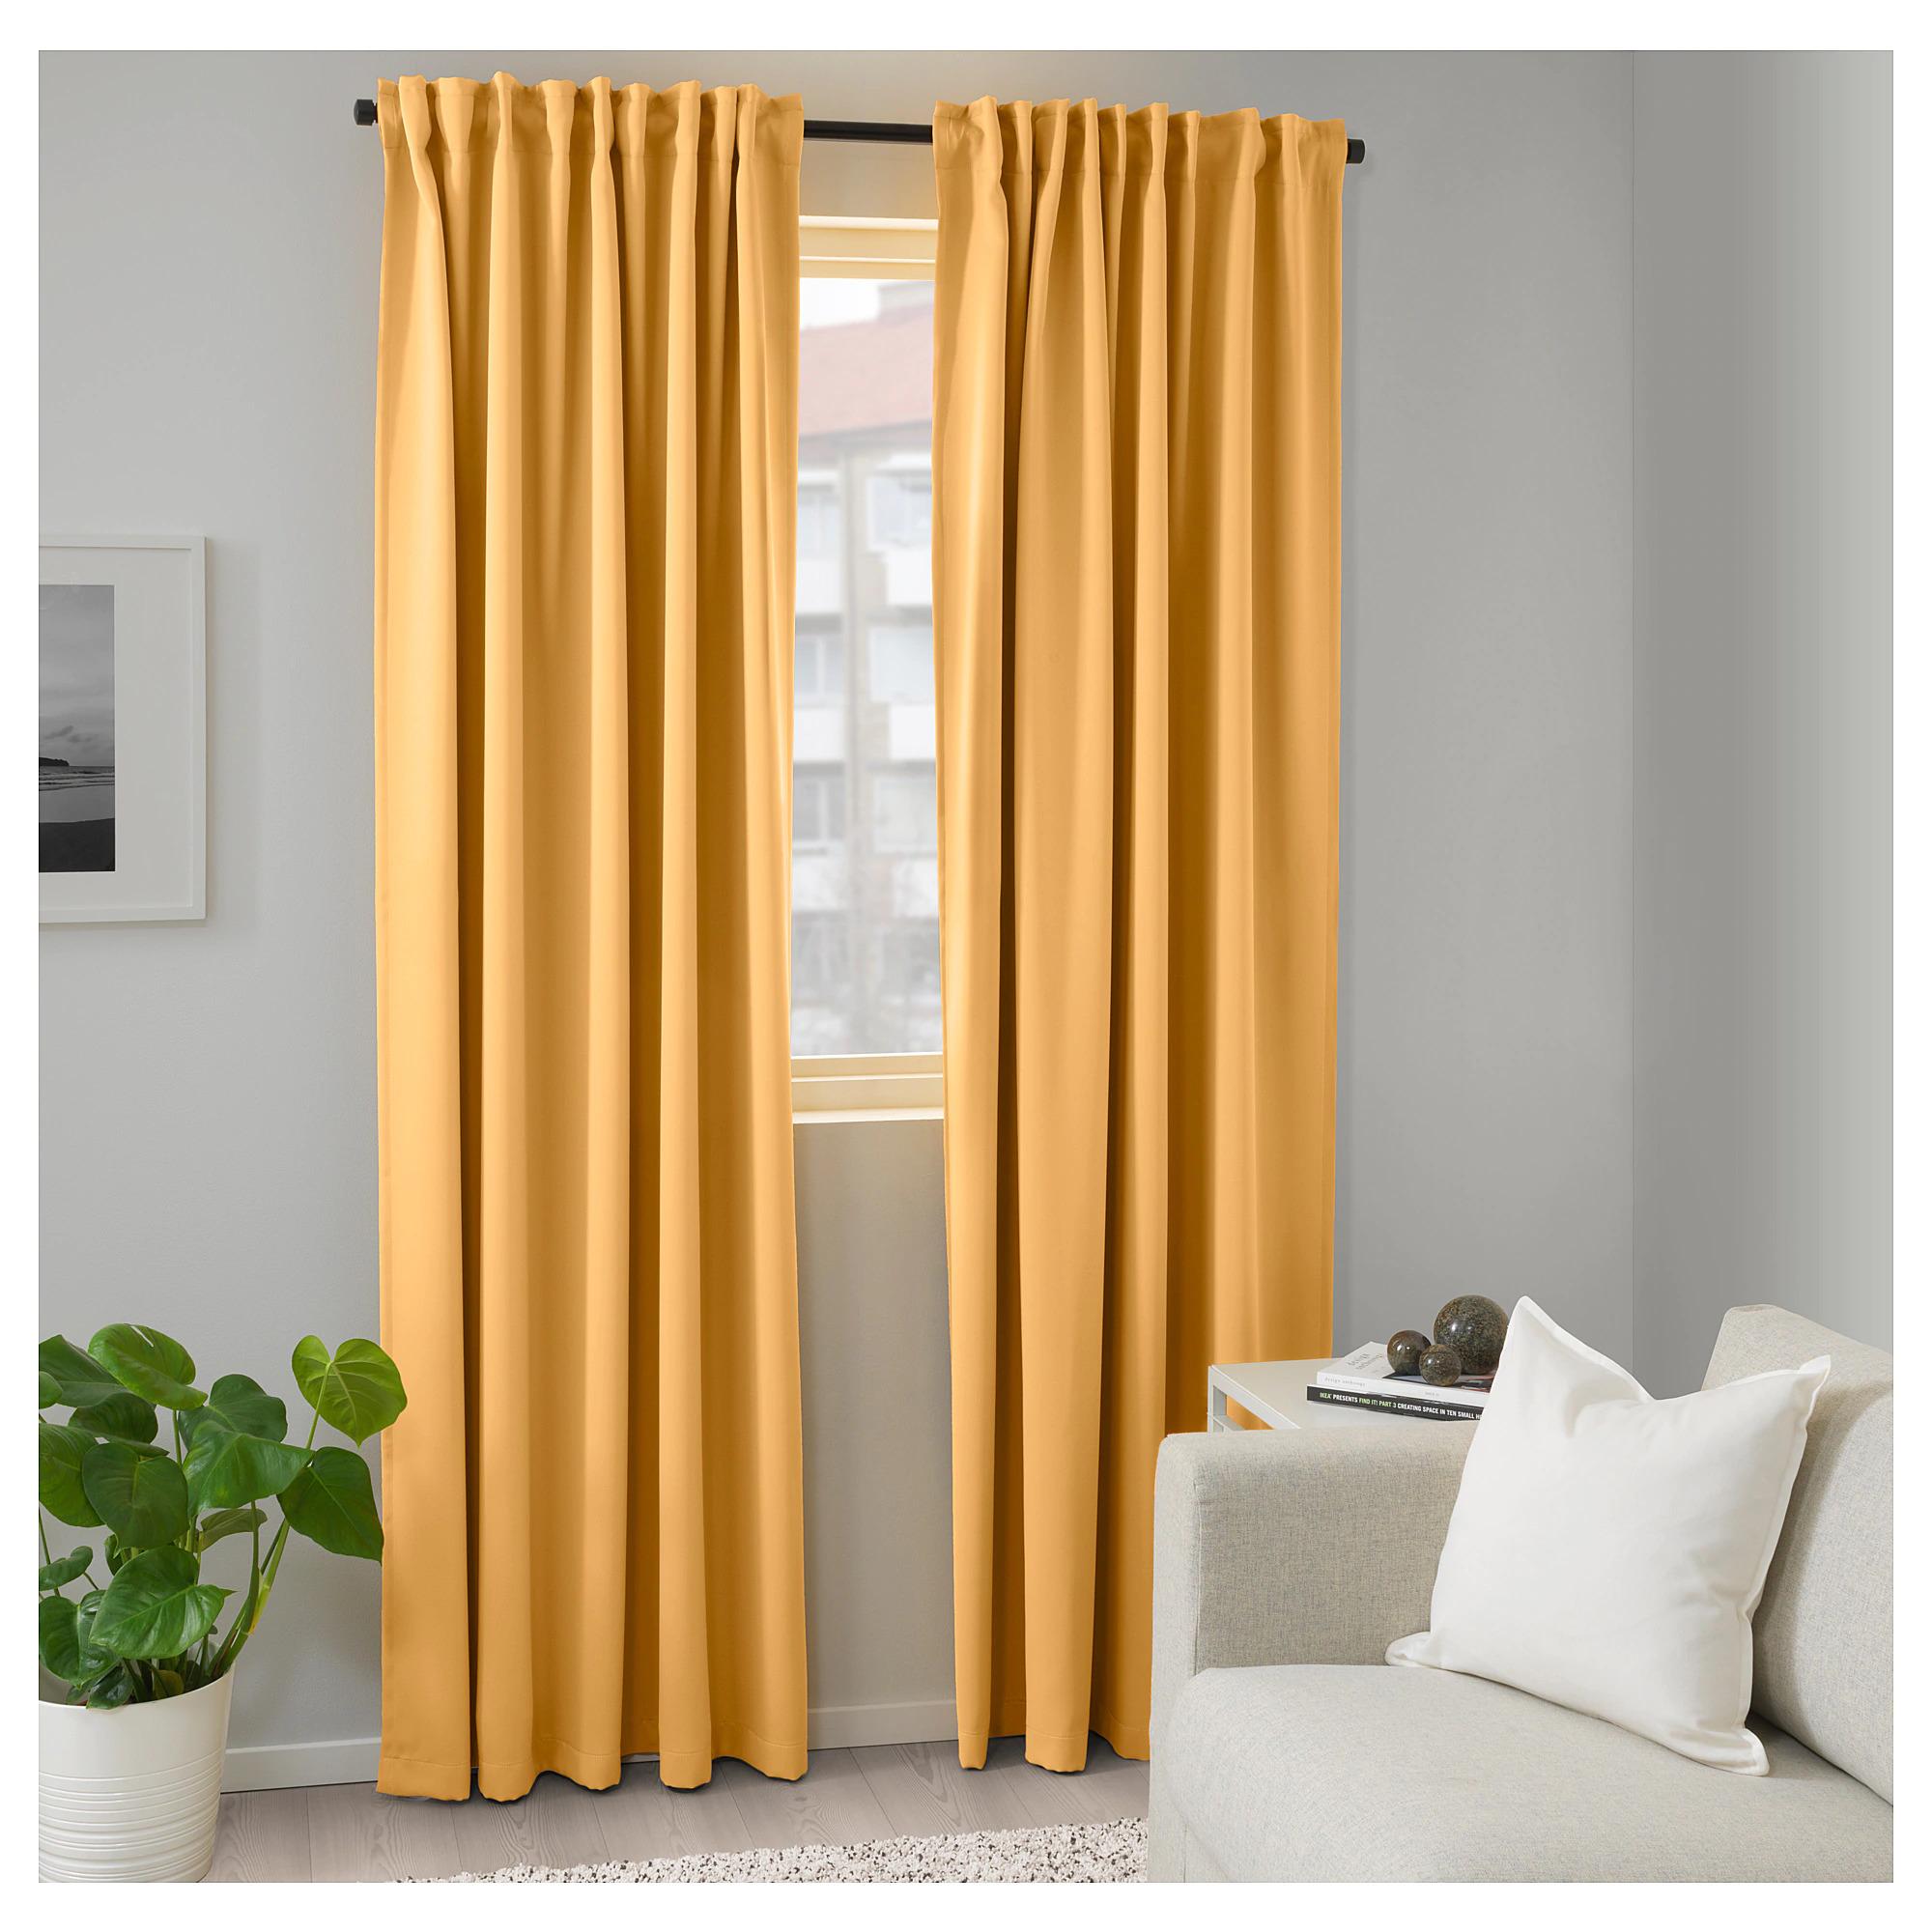 IKEAのおすすめカーテン13選!遮光タイプやレースも